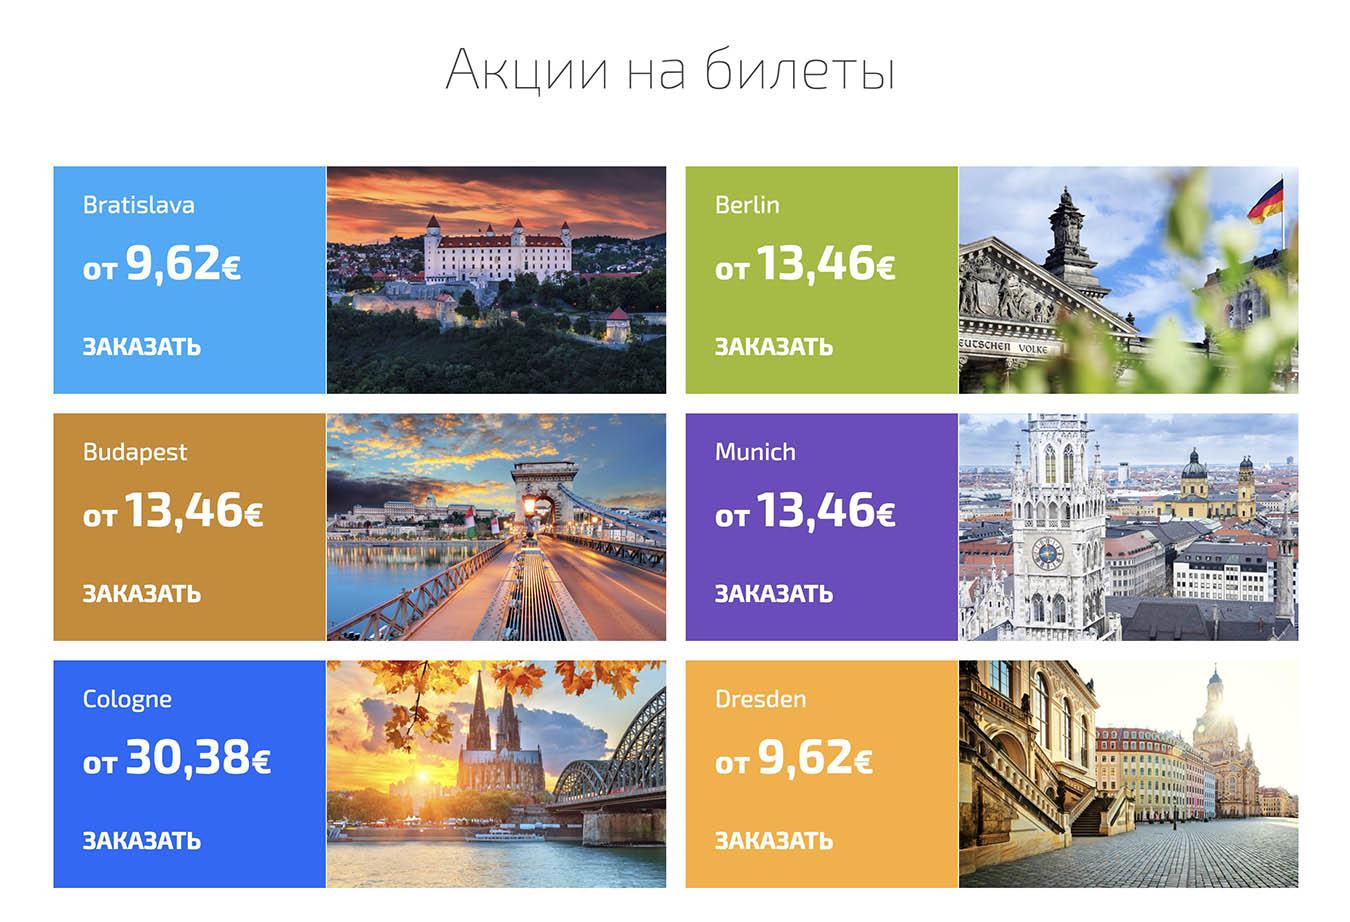 Акции на автобусы из Праги на сайте «Евролайнс»